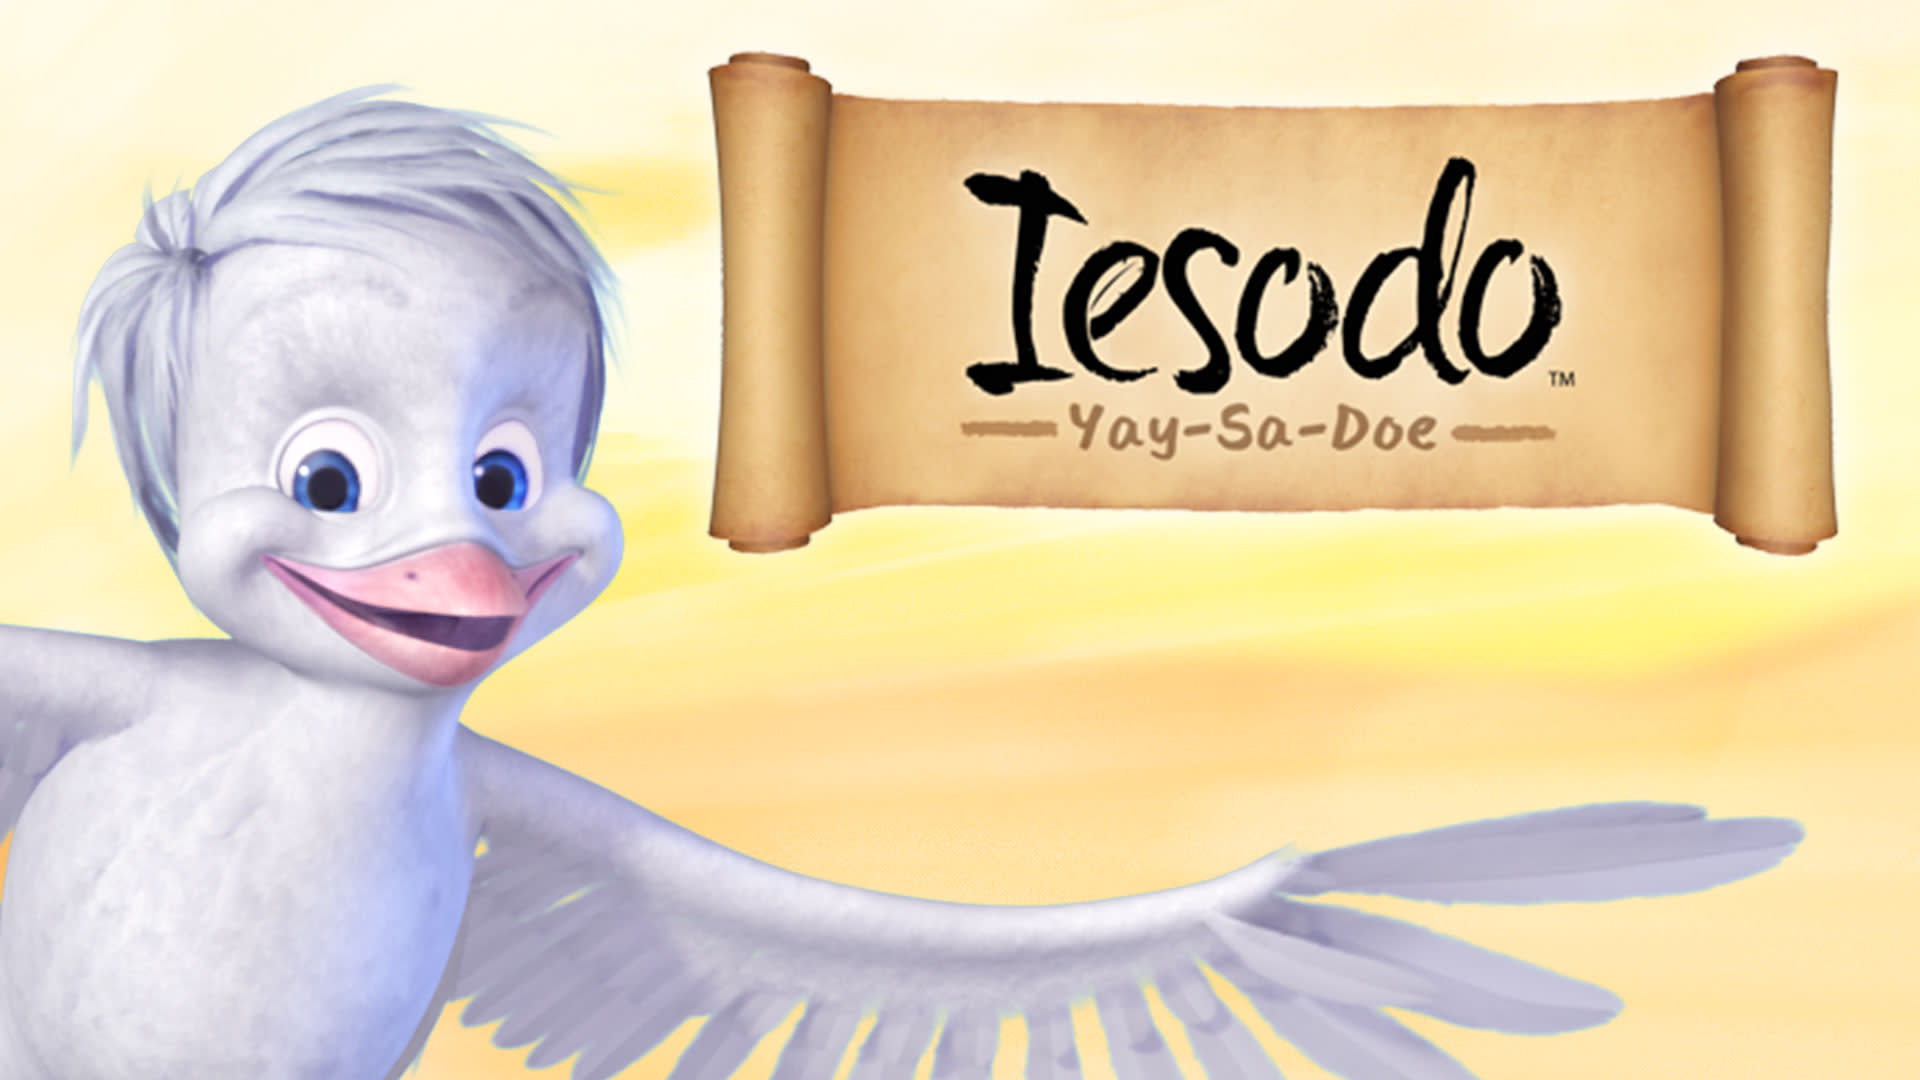 Iesodo-Series-Image.jpg